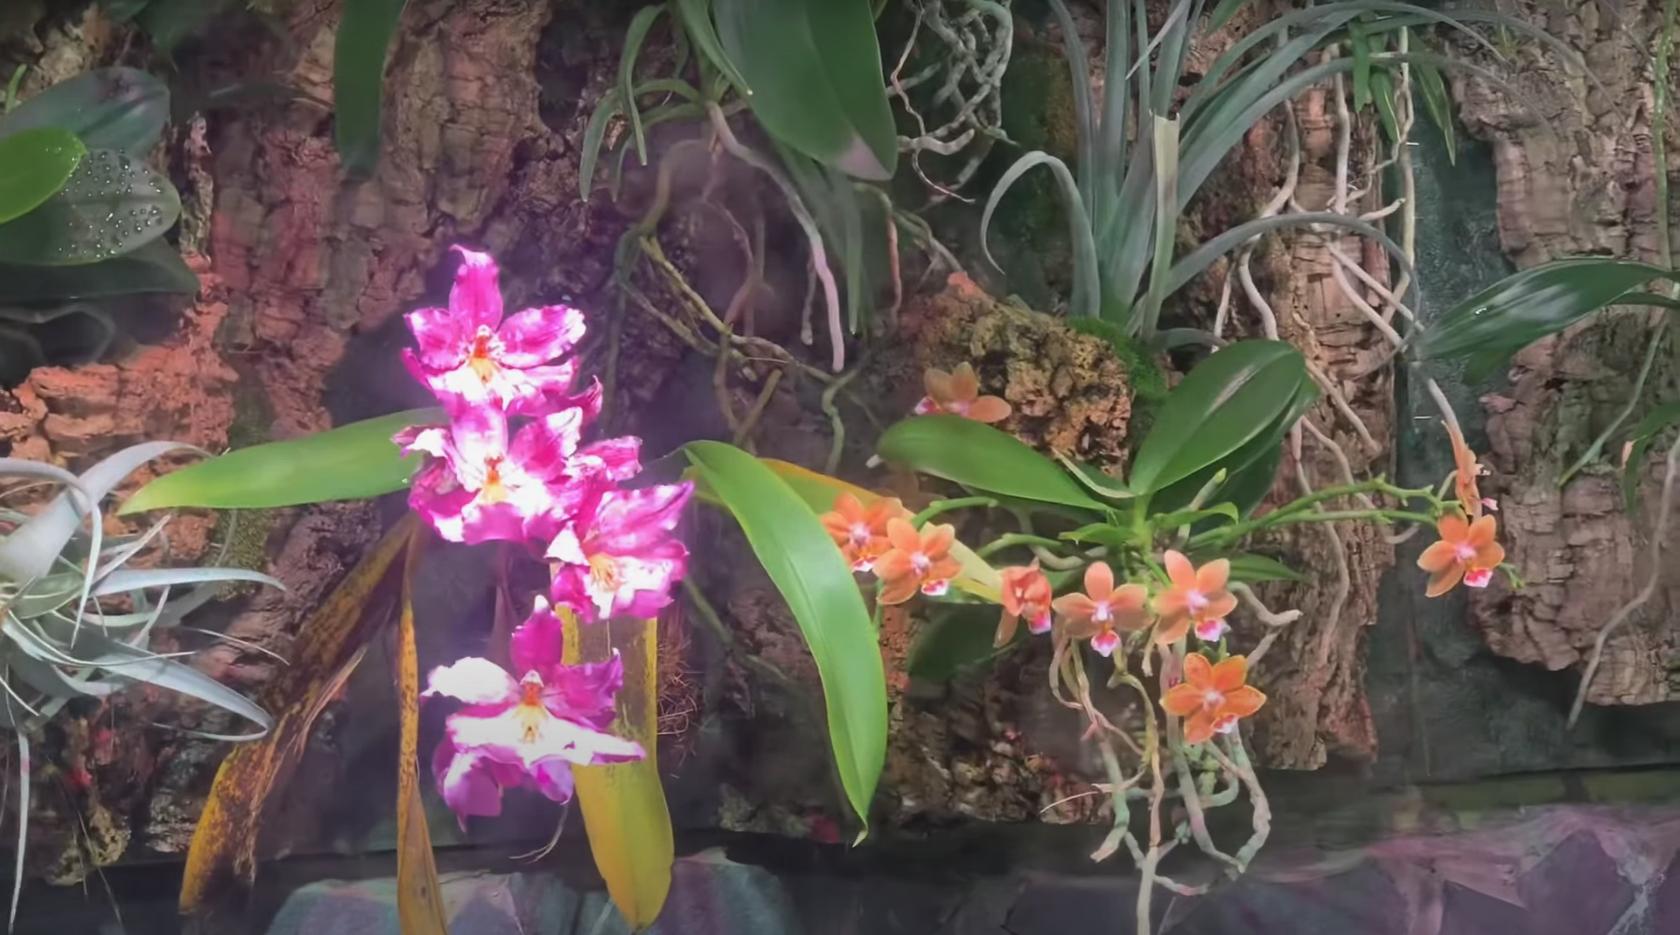 Коллекция орхидей Ленинградского зоопарка